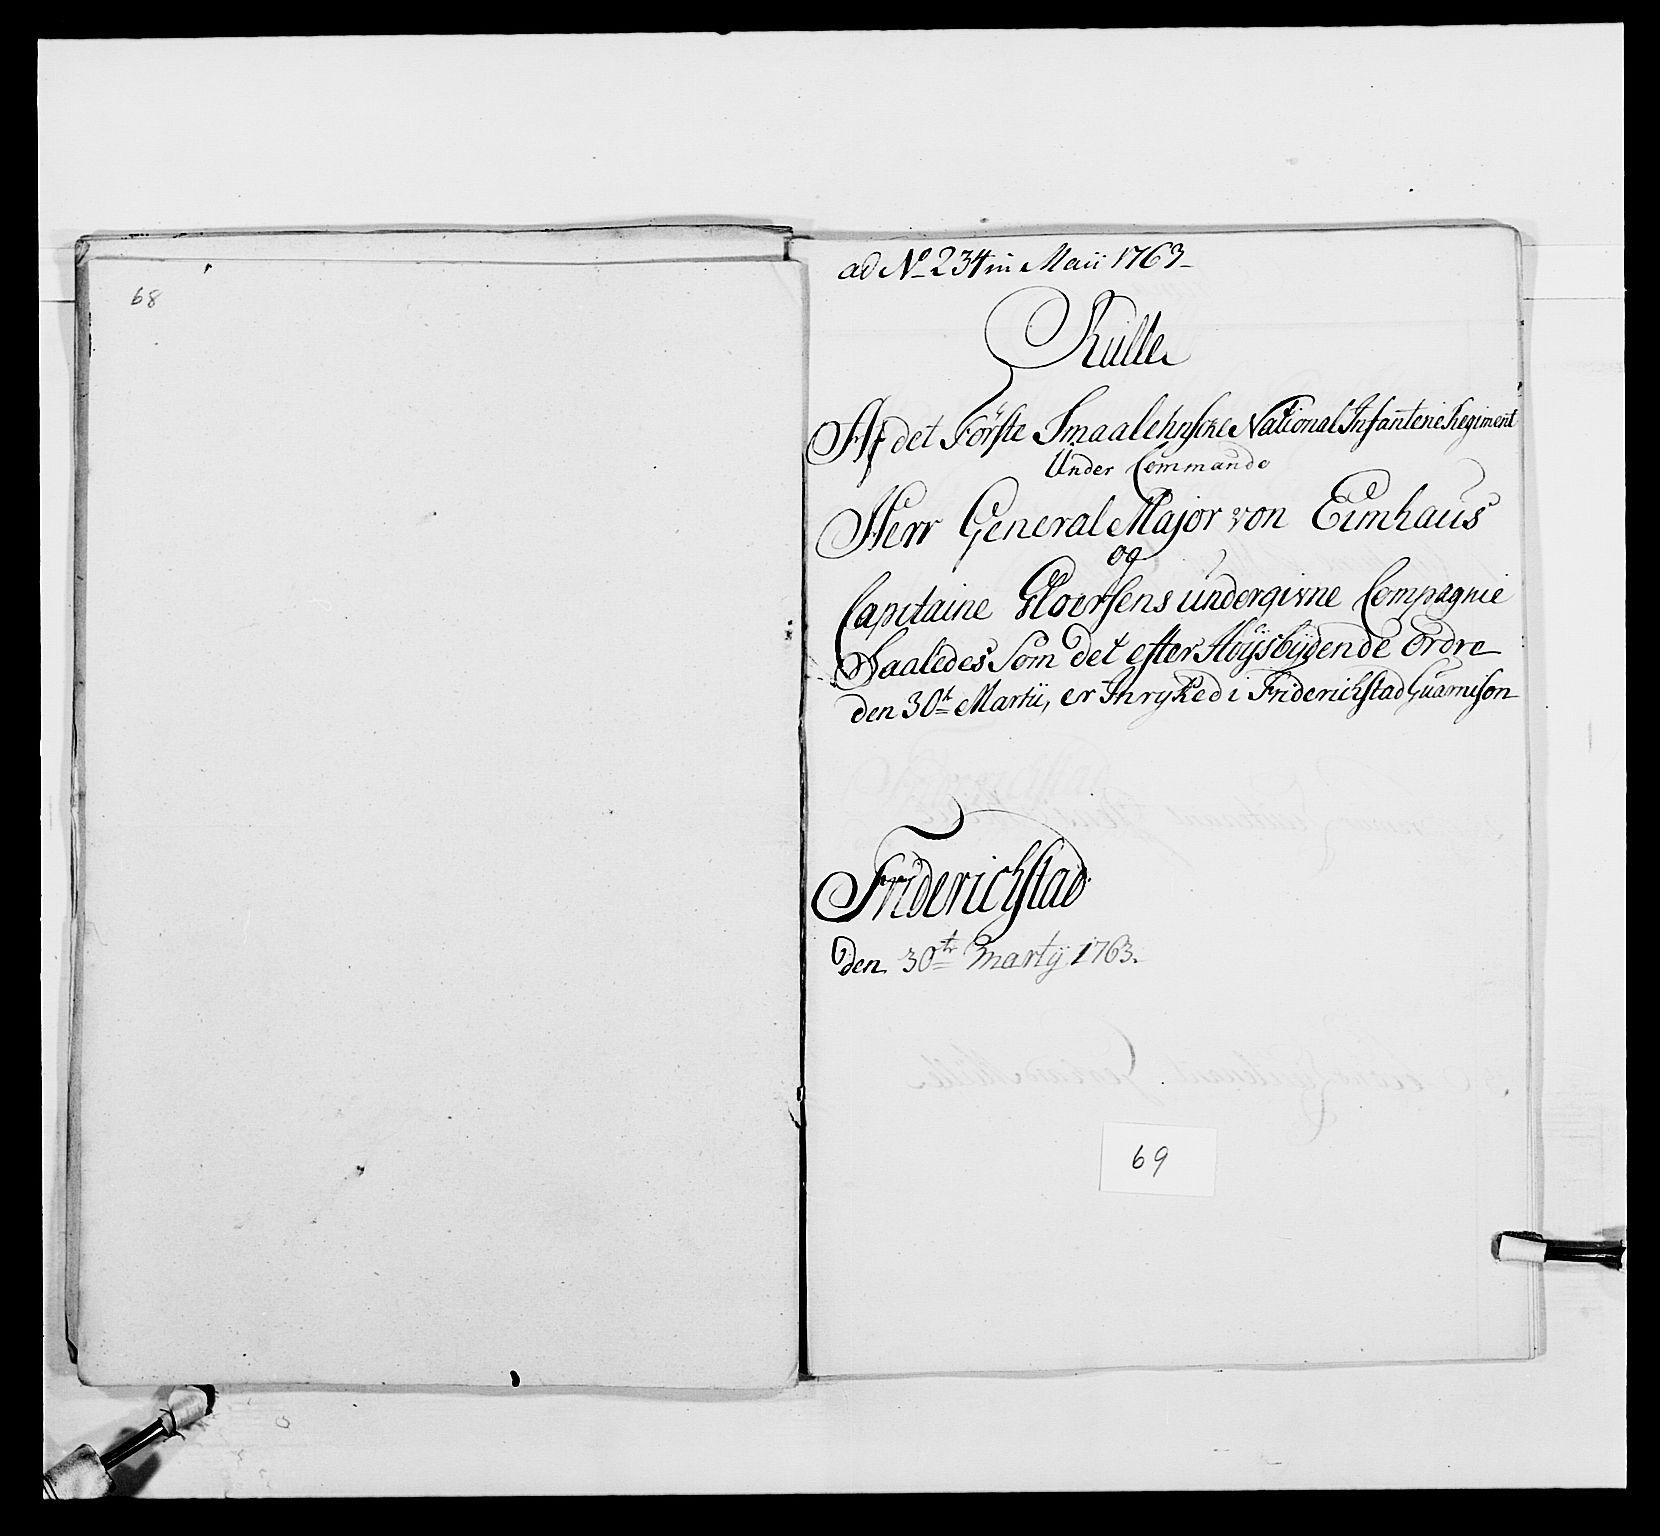 RA, Kommanderende general (KG I) med Det norske krigsdirektorium, E/Ea/L0495: 1. Smålenske regiment, 1732-1763, s. 862